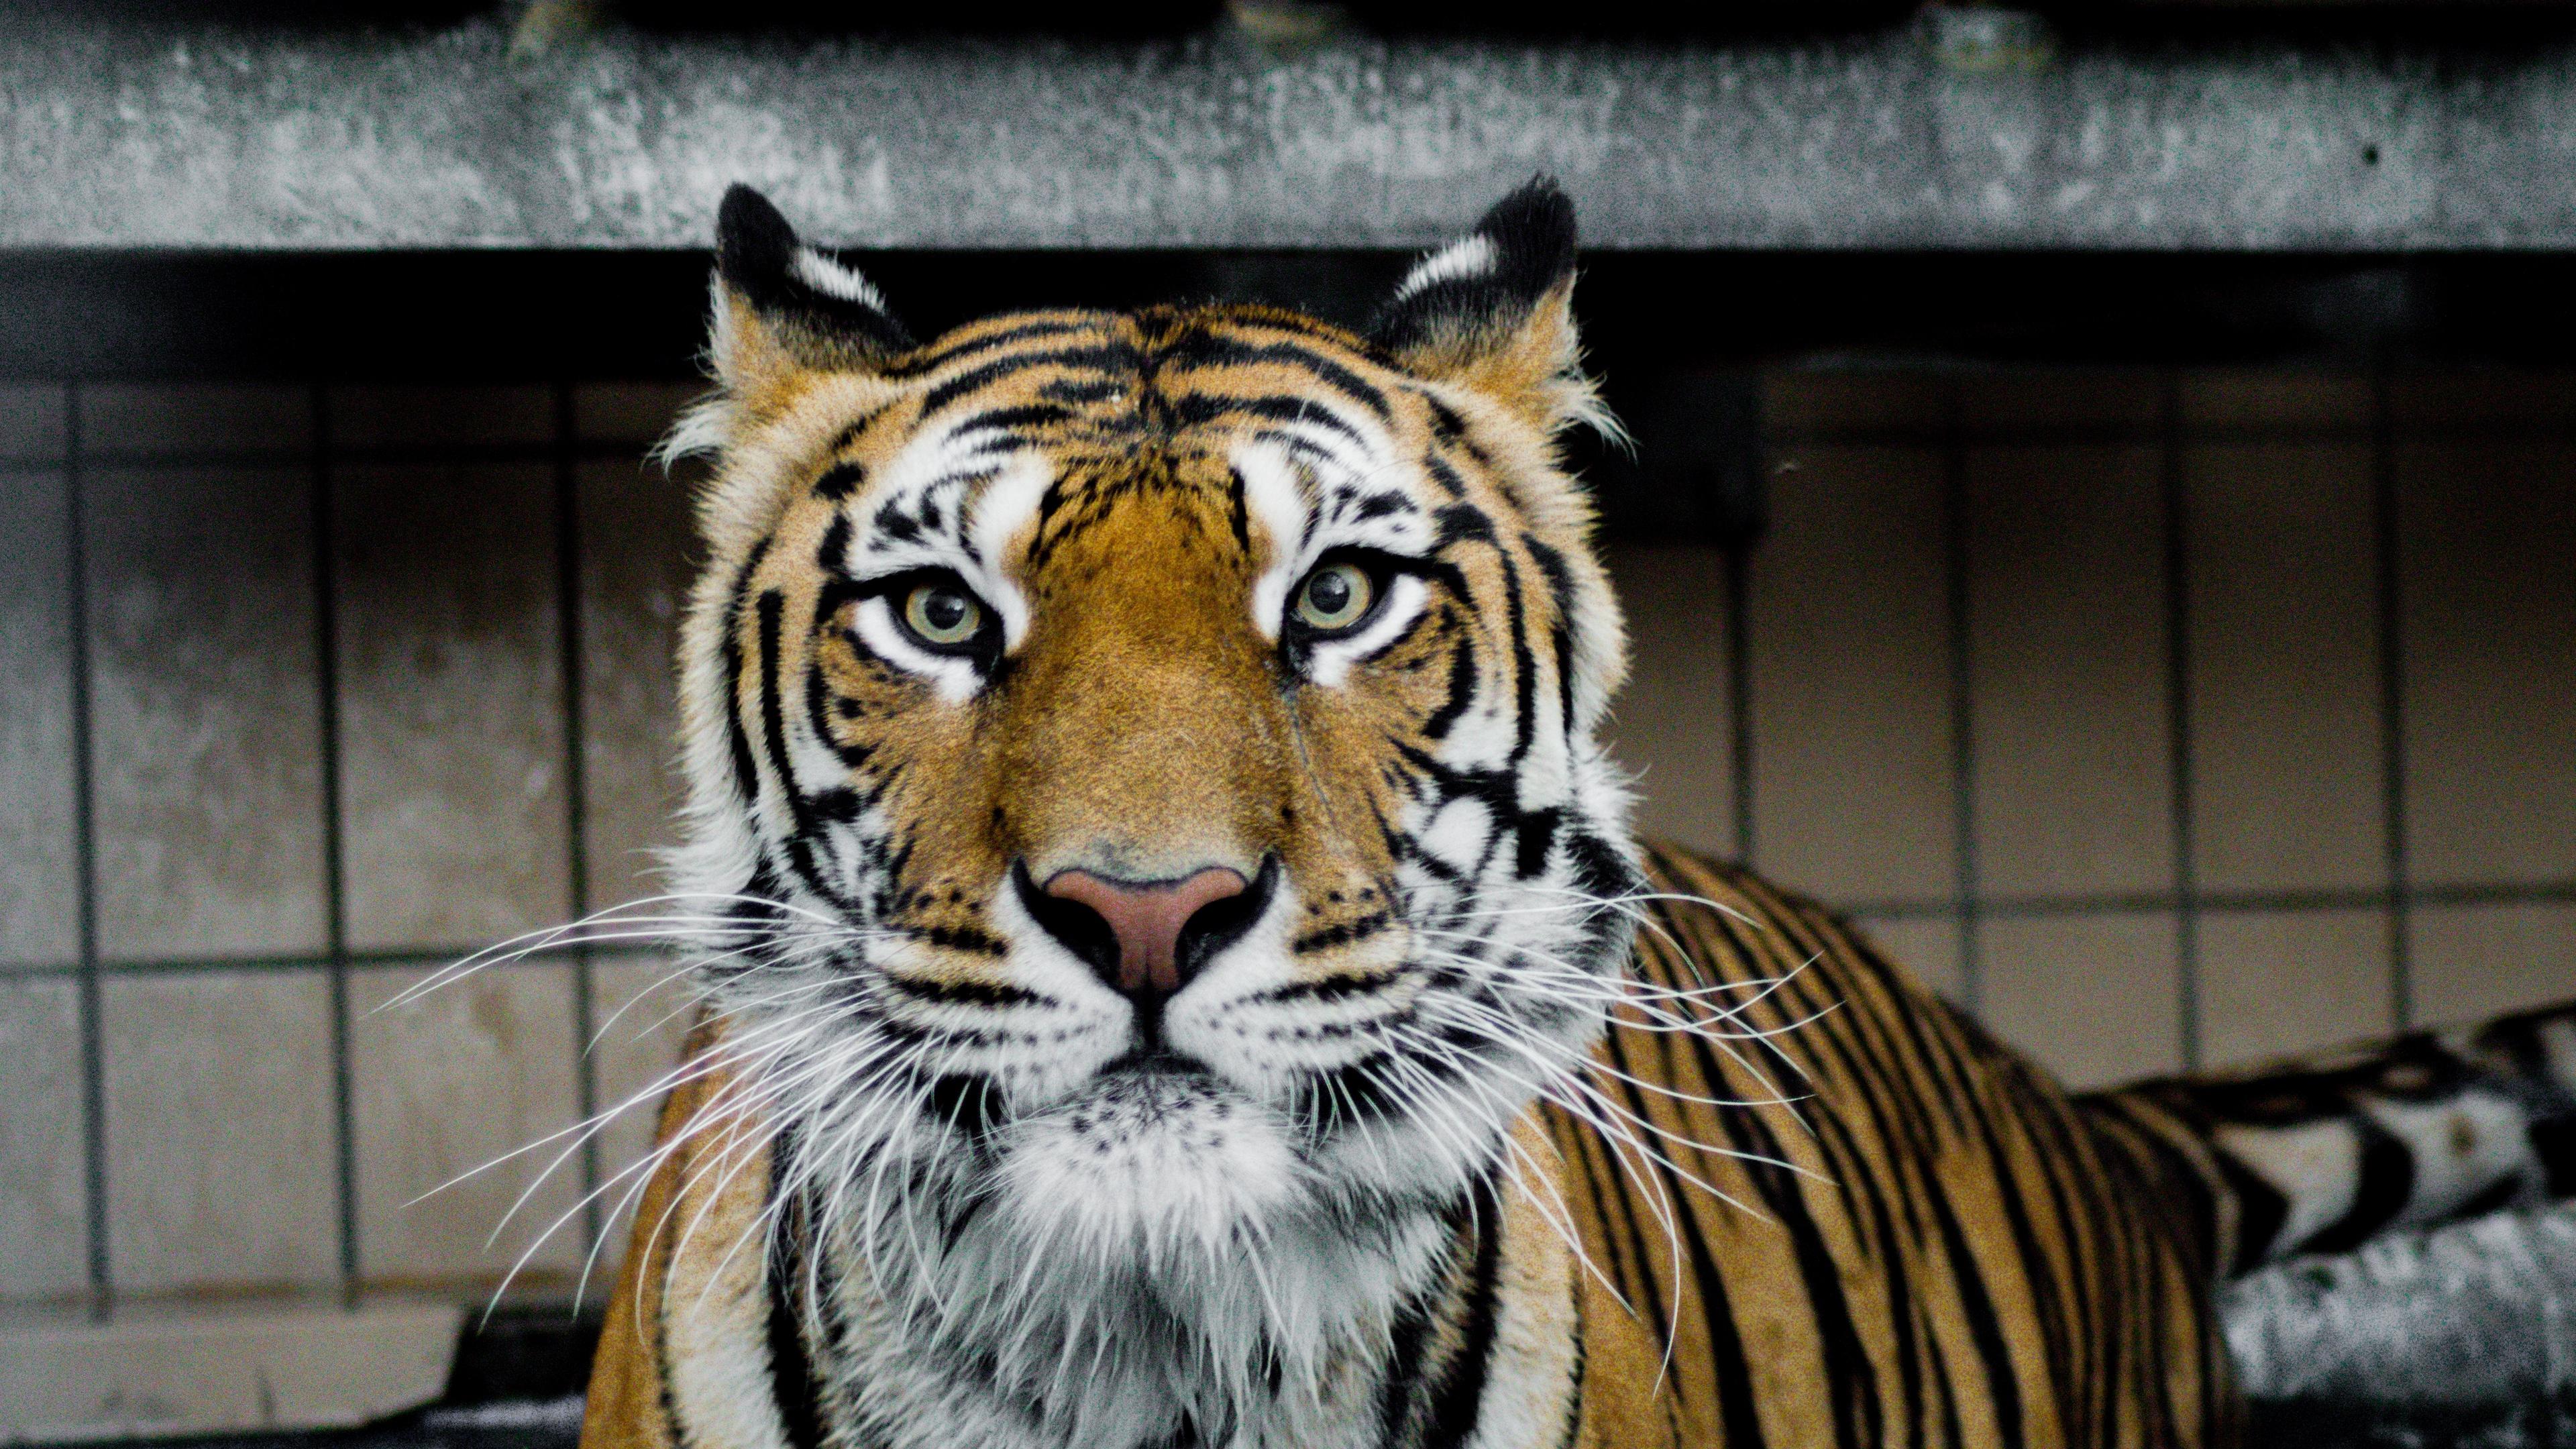 tiger muzzle predator big cat look 4k 1542242777 - tiger, muzzle, predator, big cat, look 4k - Tiger, Predator, muzzle